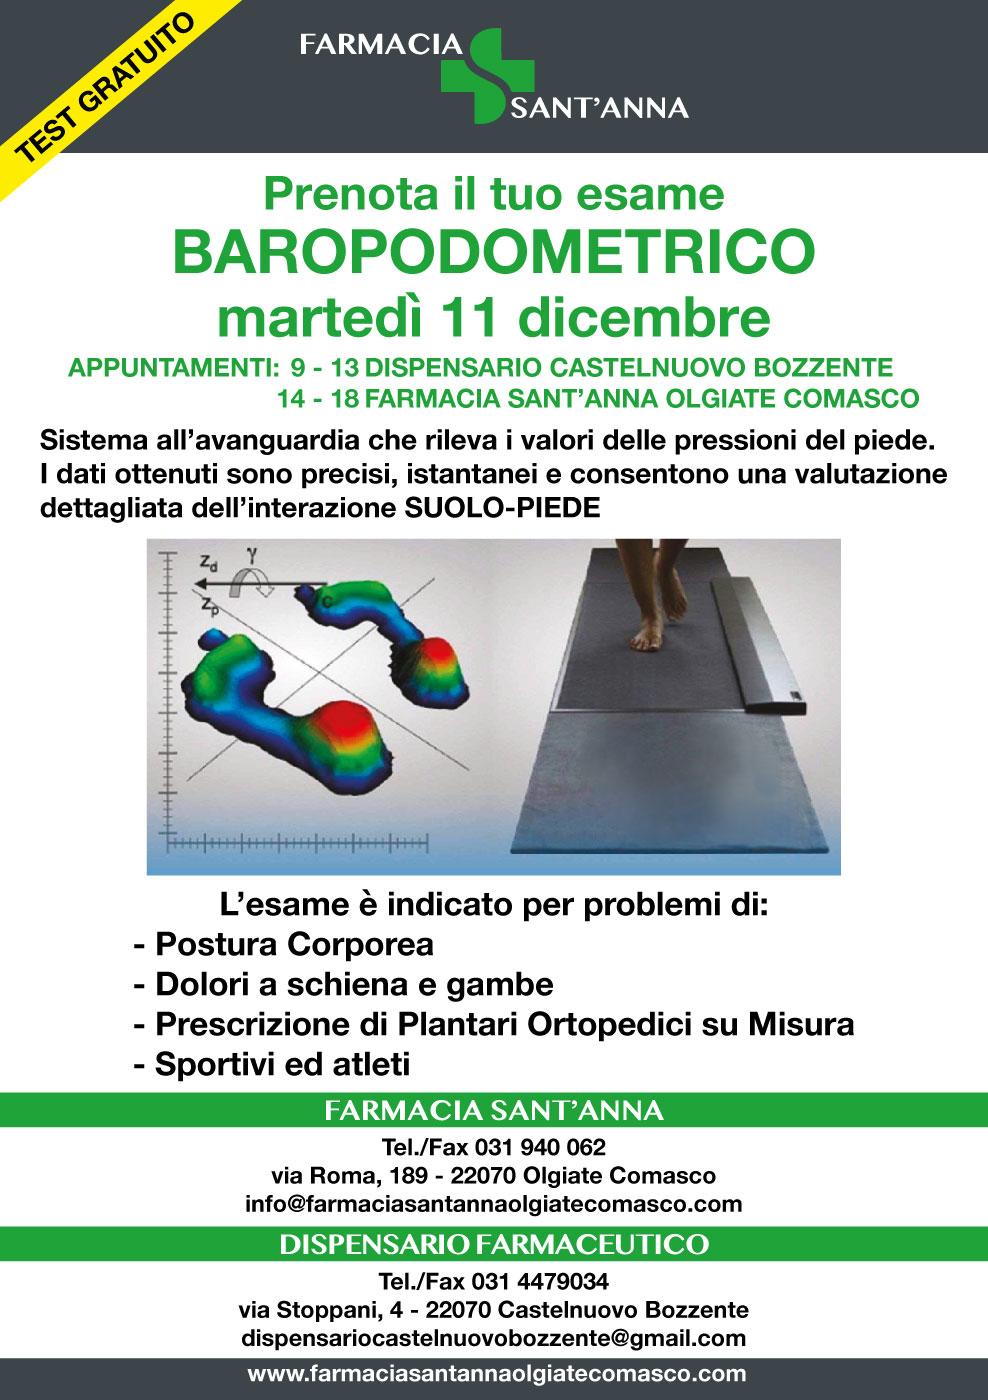 Farmacia Sant'Anna Olgiate Comasco prenota il tuo esame baropodometrico